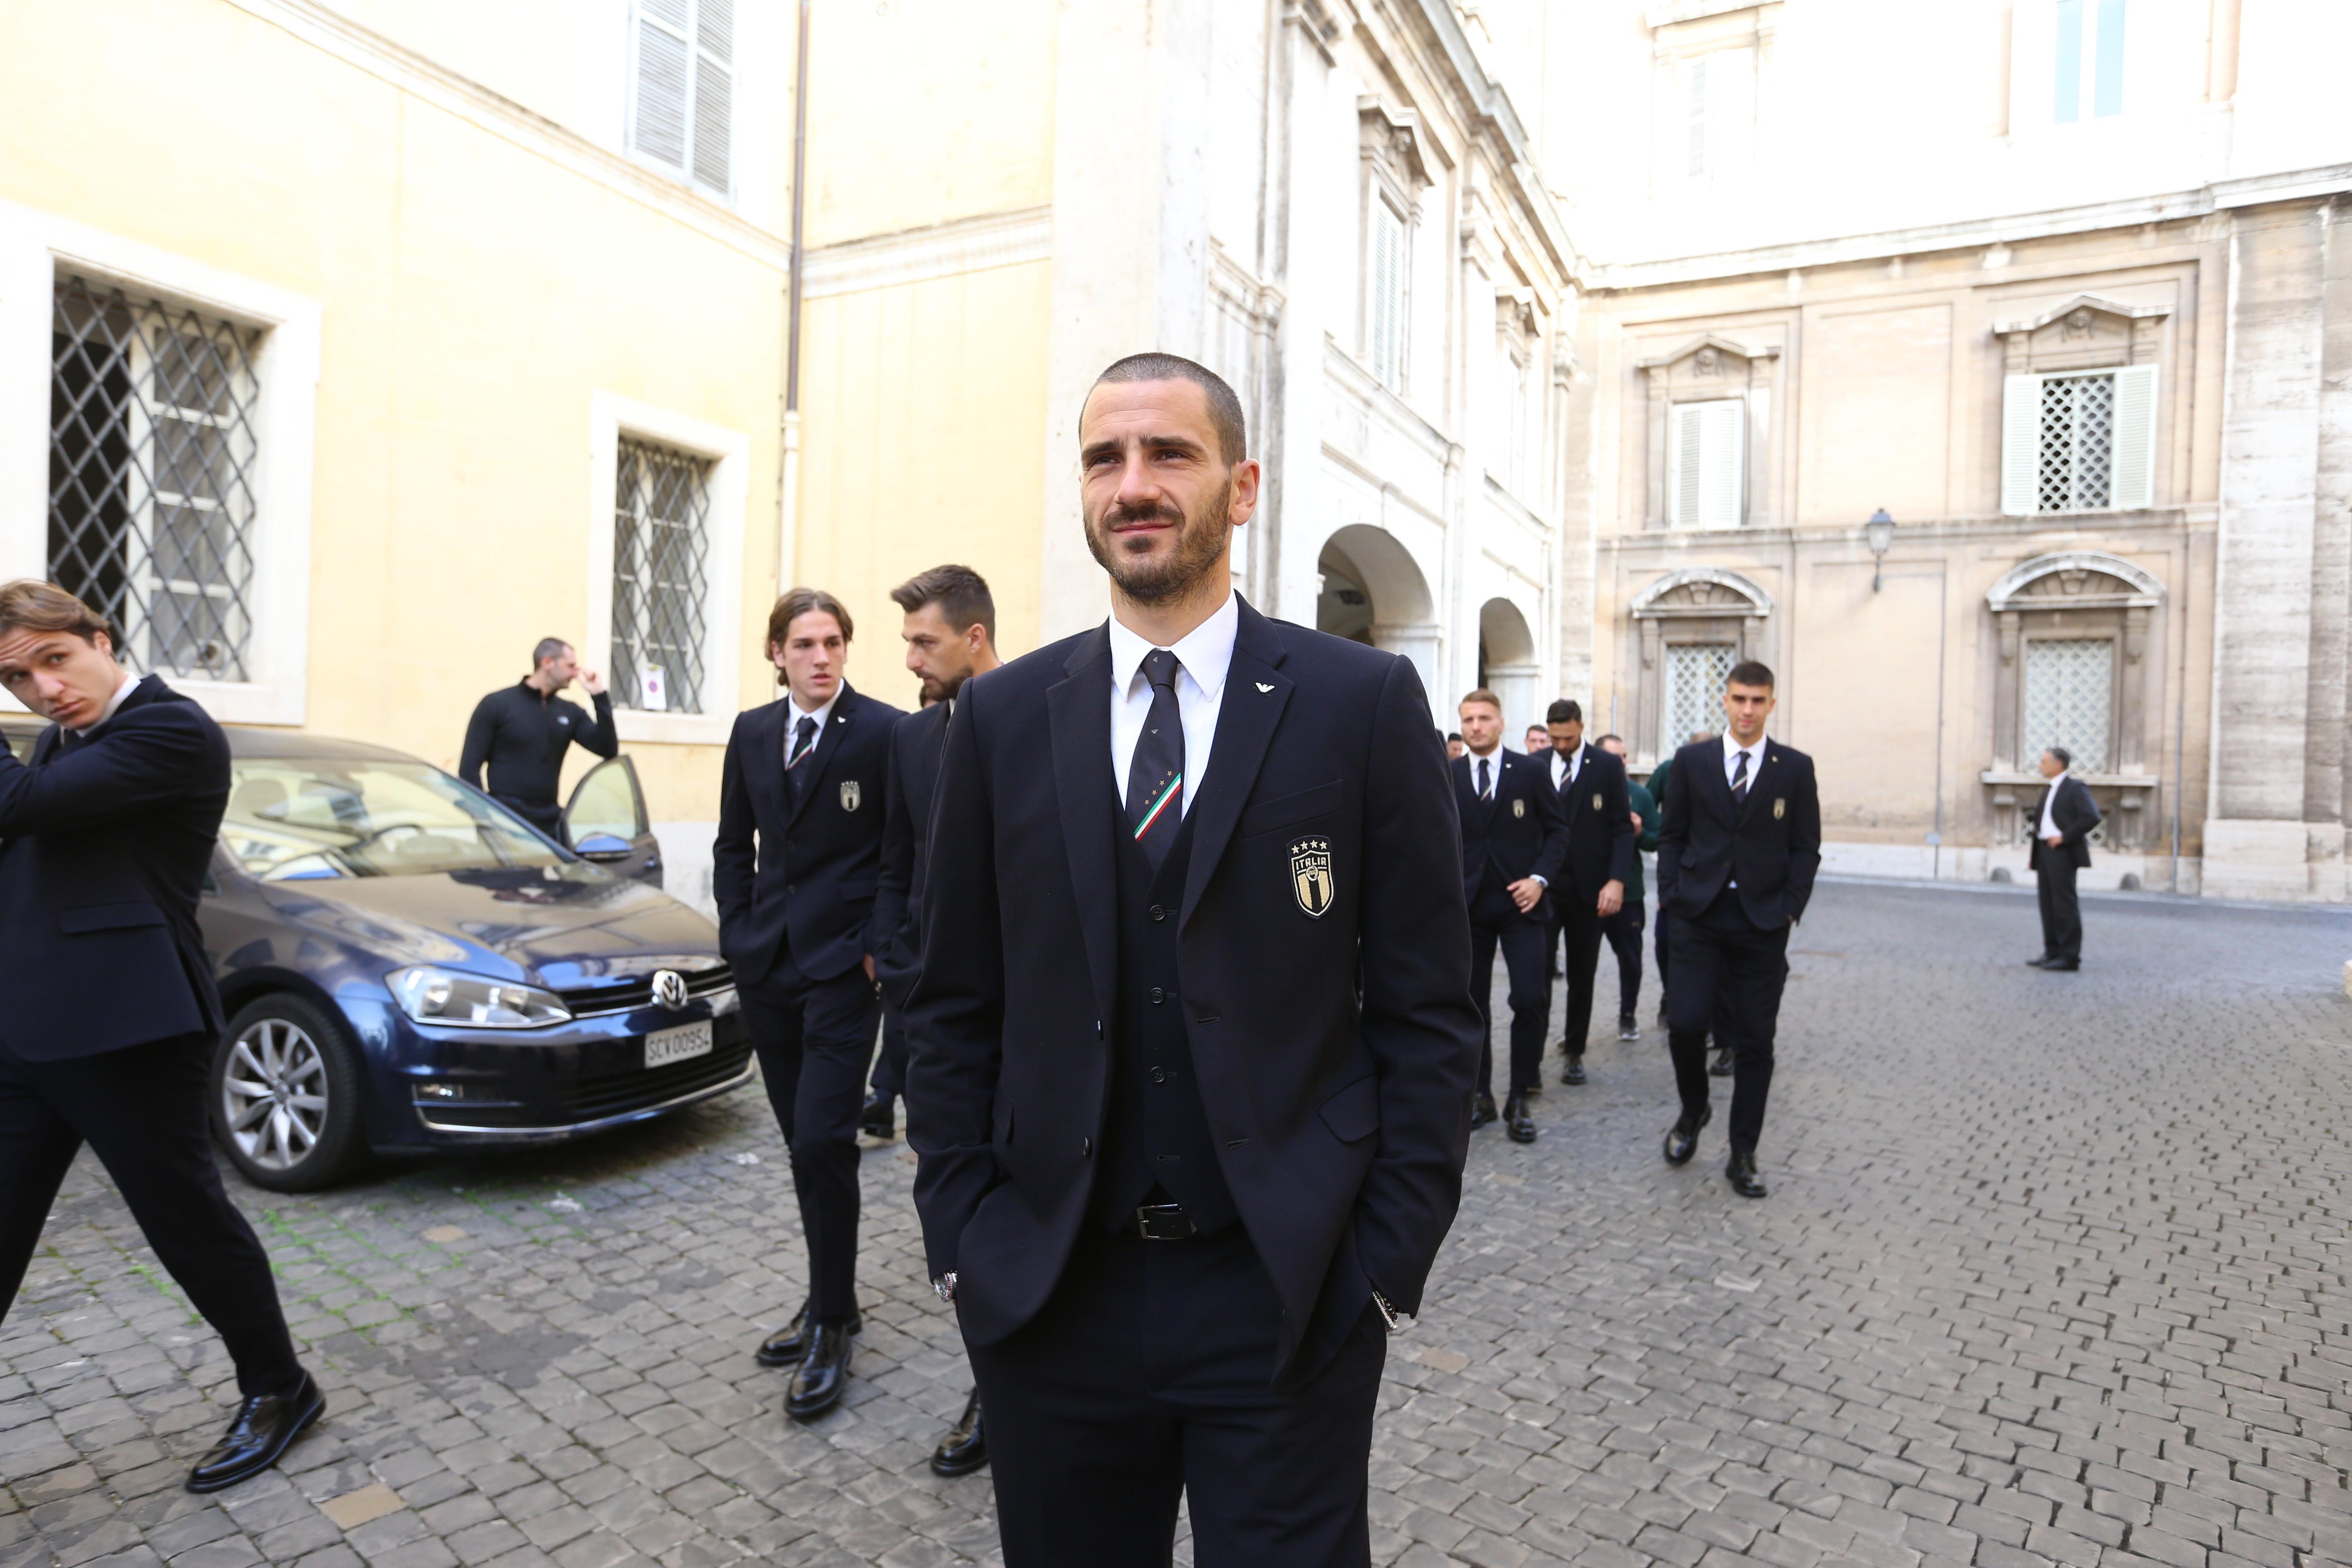 Guidati dal presidente federale Gabriele Gravina e dal ct Roberto Mancini, i giocatori e lo staff sono rimasti in Vaticano per una quarantina di minut...